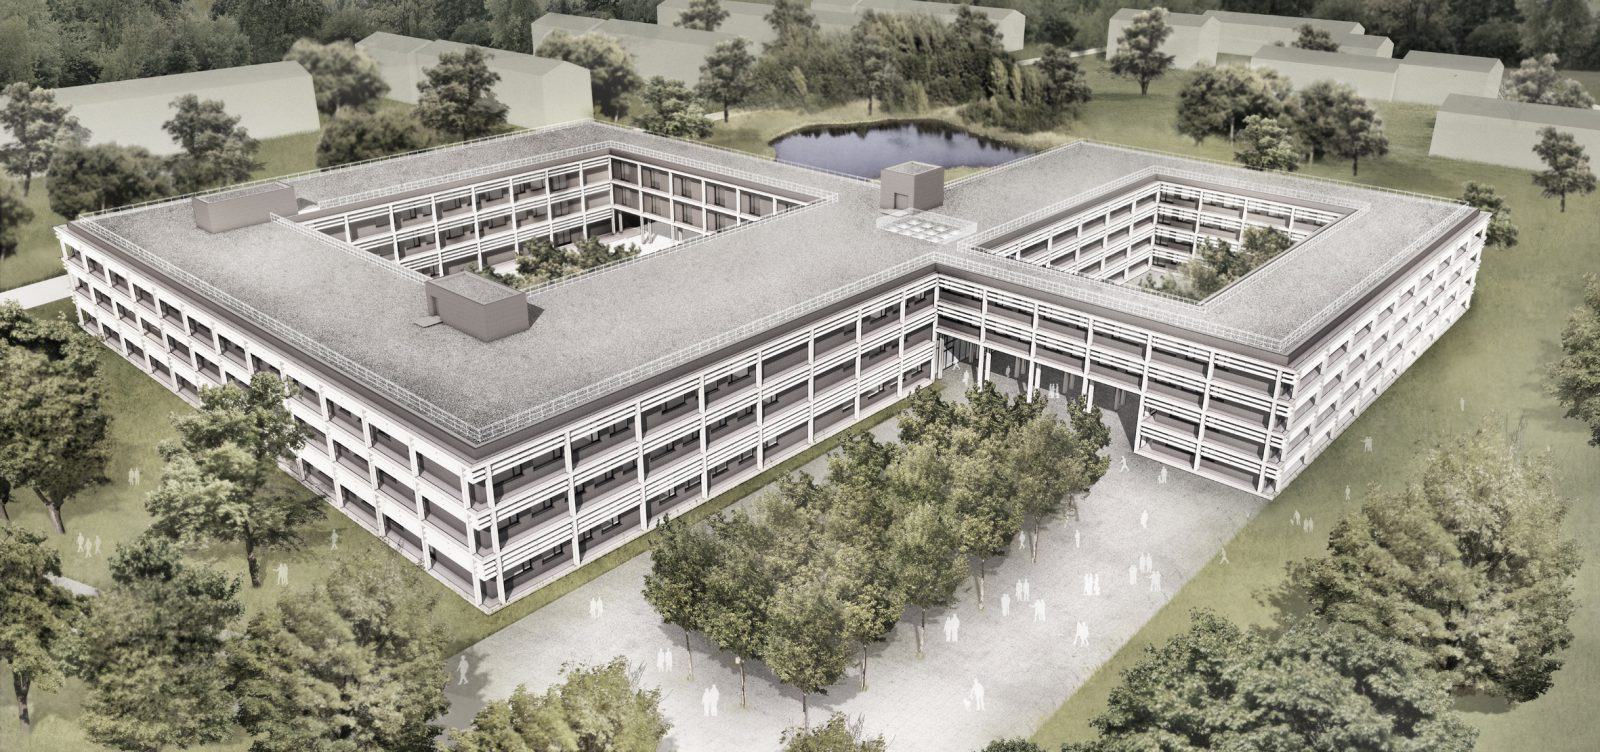 Neubau Lehrsaal- und Funktionsgebäude, Führungsunterstützungsschule der Bundeswehr, General-Fellgiebelkaserne, Pöcking